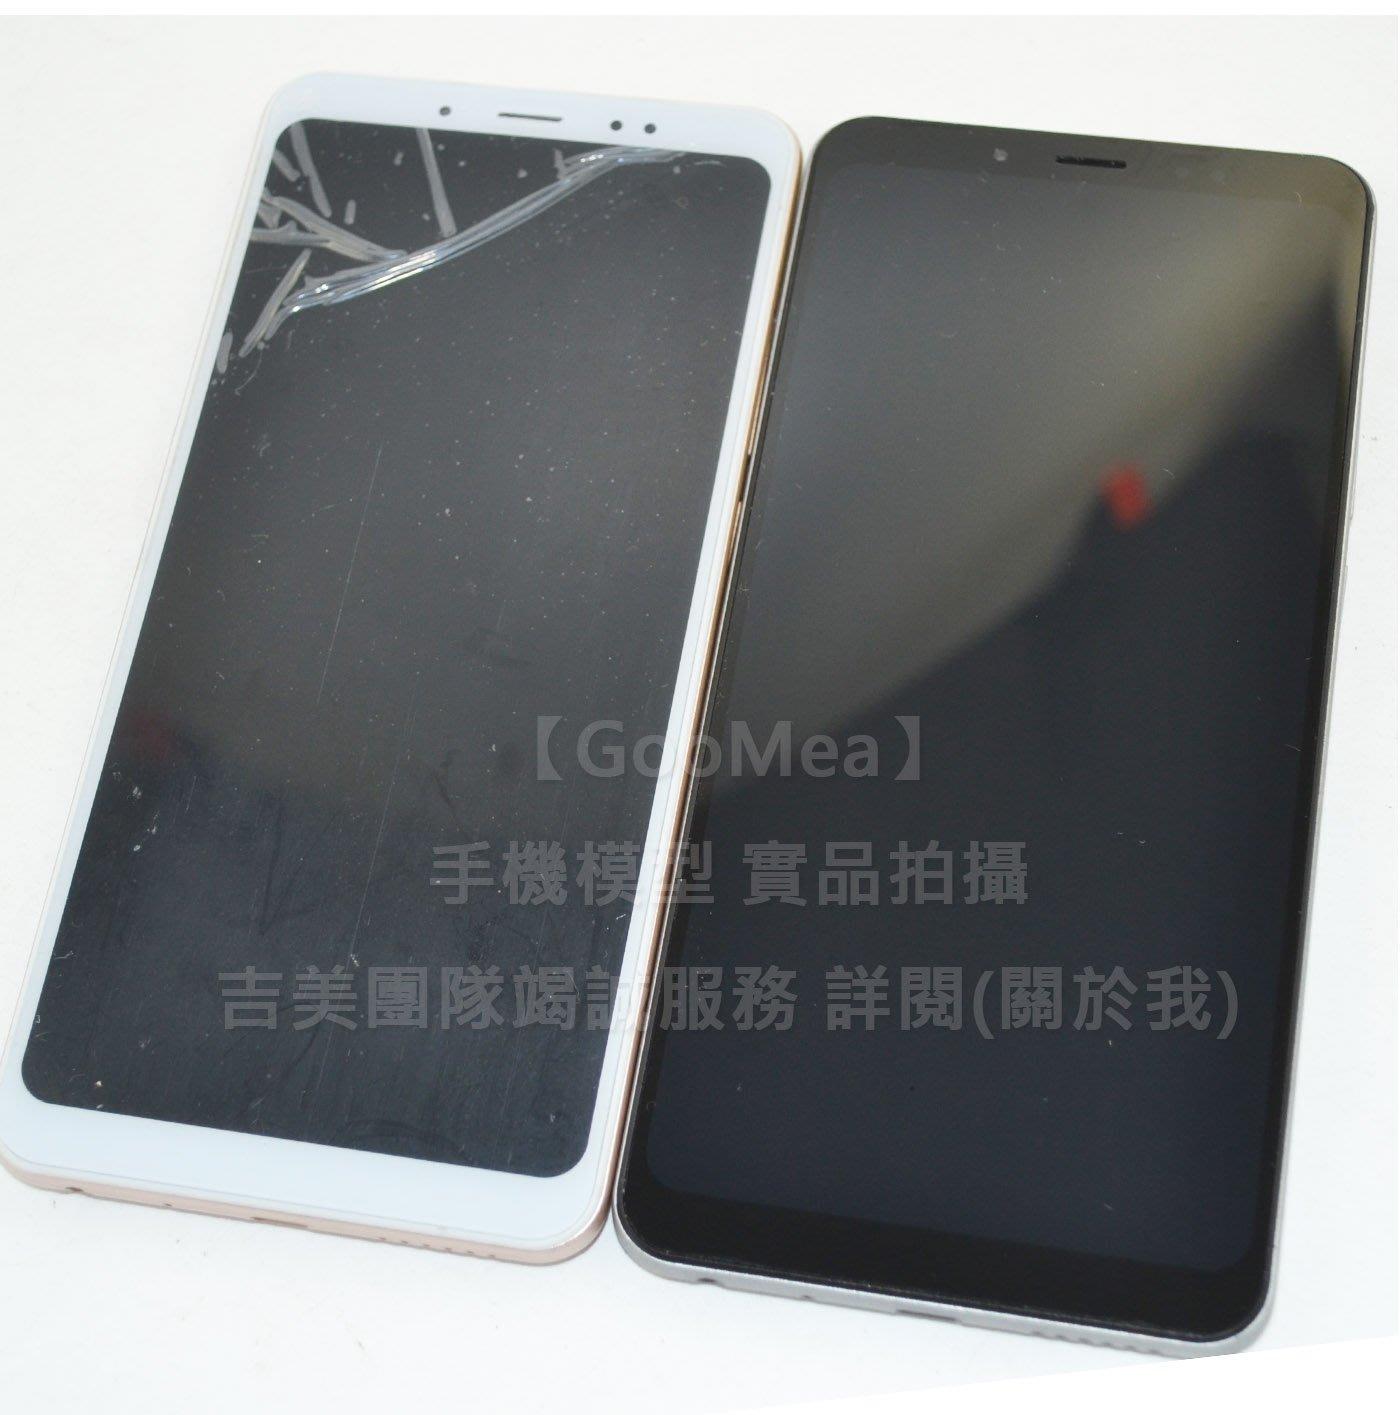 【GooMea】精仿黑屏Xiaomi小米 紅米 S2 5.99吋展示Dummy模型假機交差道具上繳拍片摔機包膜1:1仿製